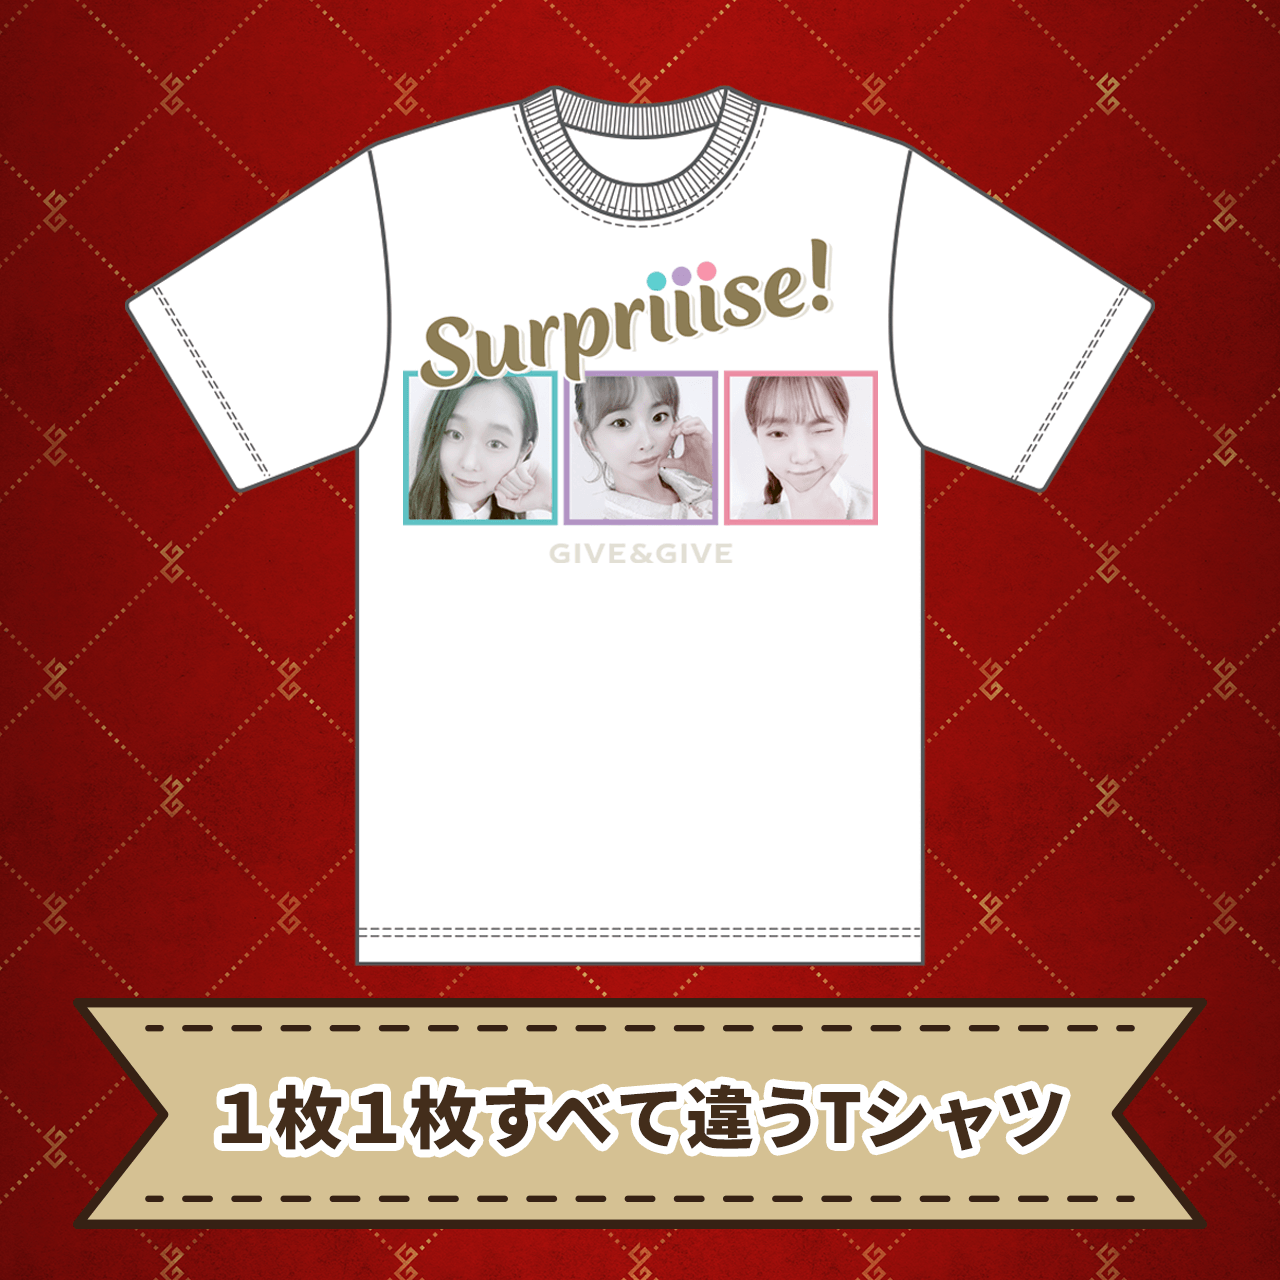 新グッズ「気愛Tシャツ」販売開始のお知らせ